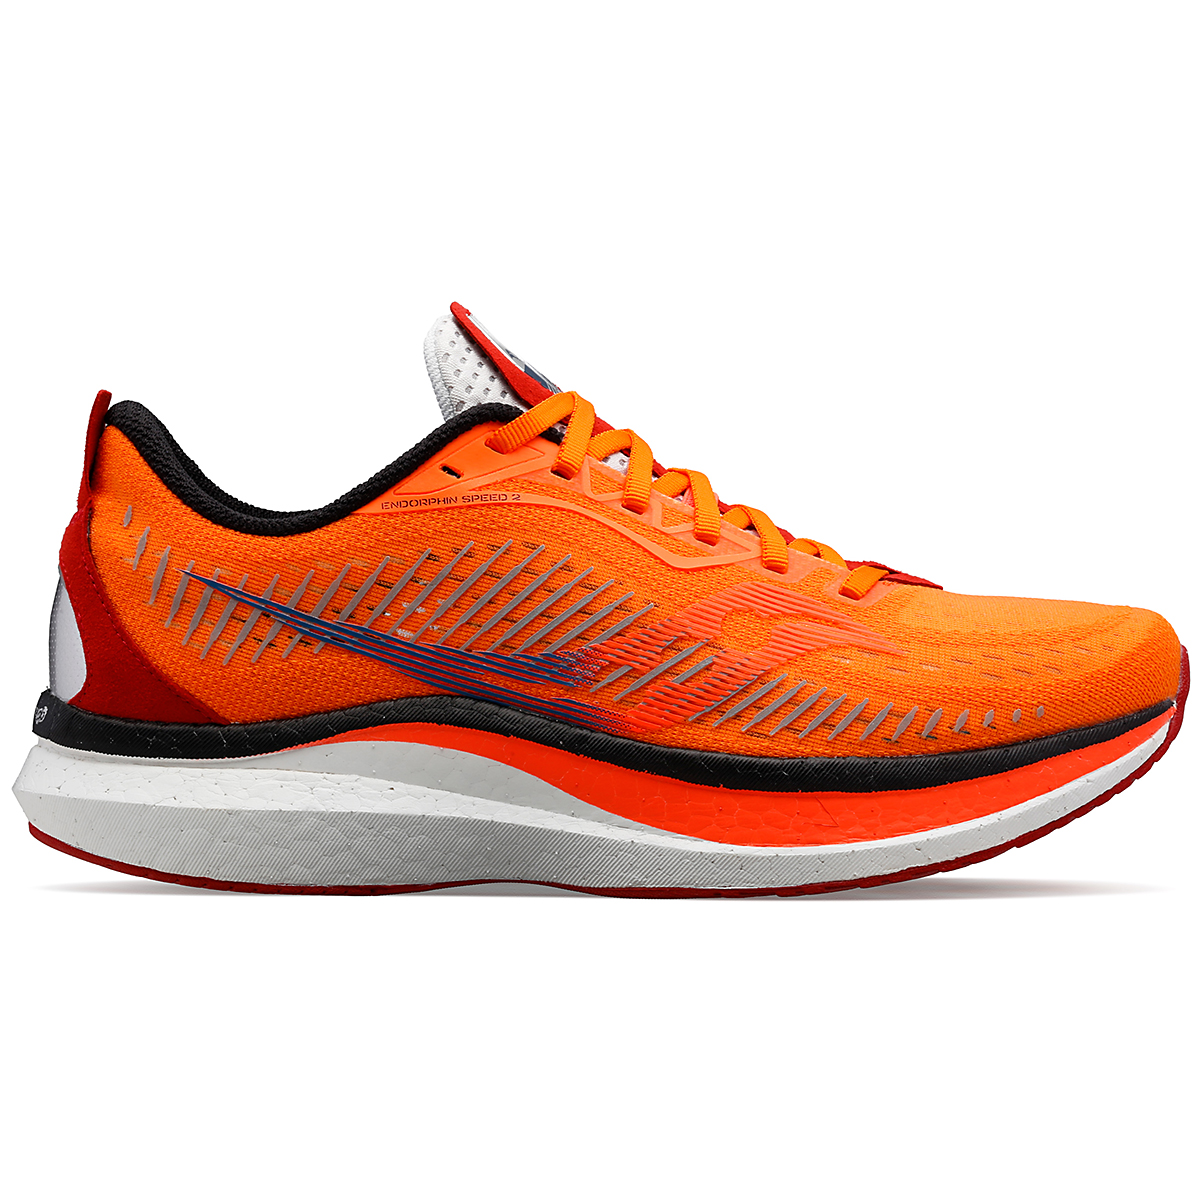 Men's Saucony Endorphin Speed 2 Running Shoe - Color: Jackalope - Size: 7 - Width: Regular, Jackalope, large, image 1